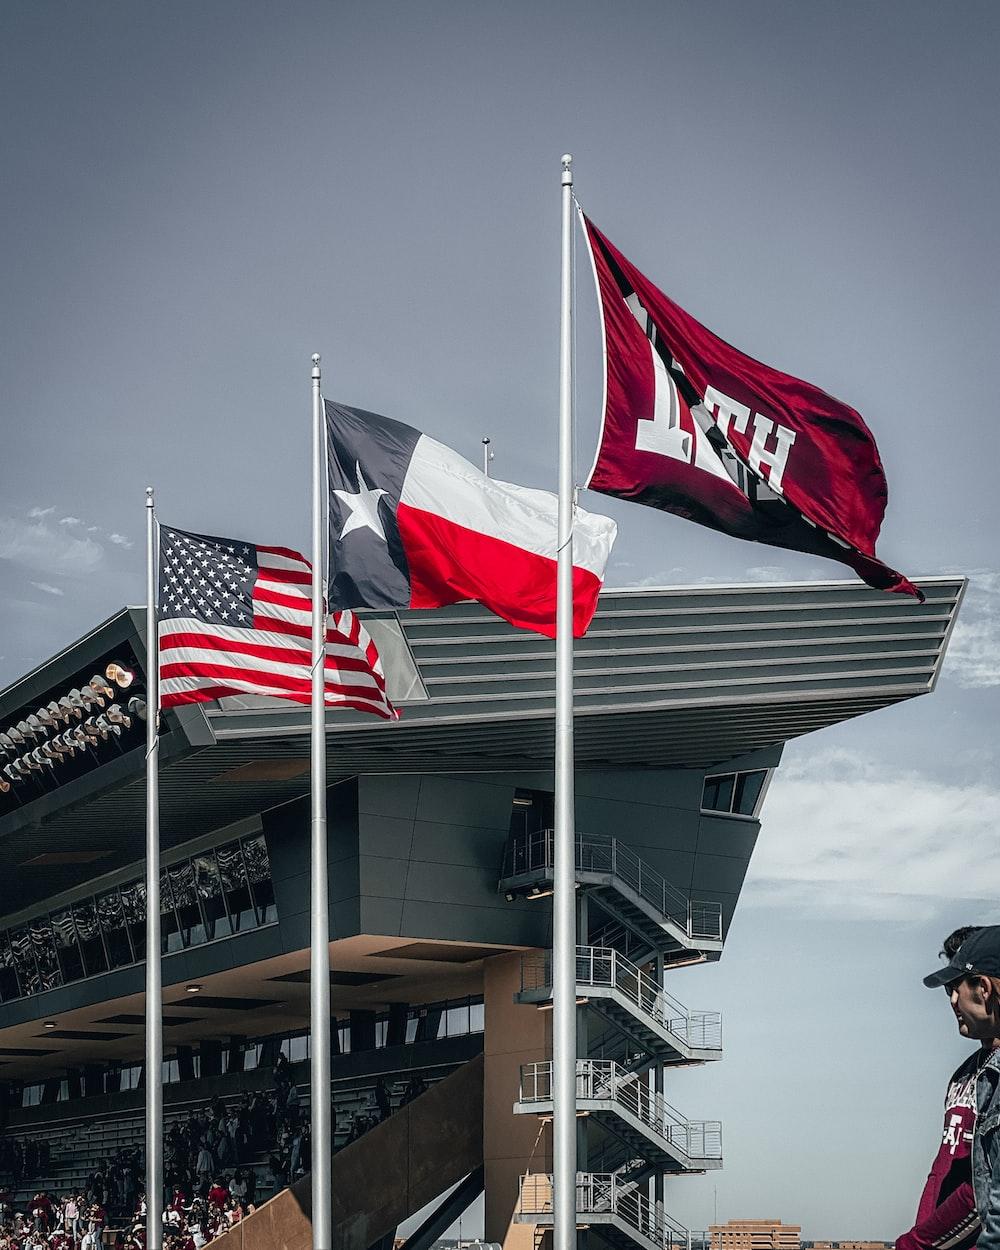 three flags on pole